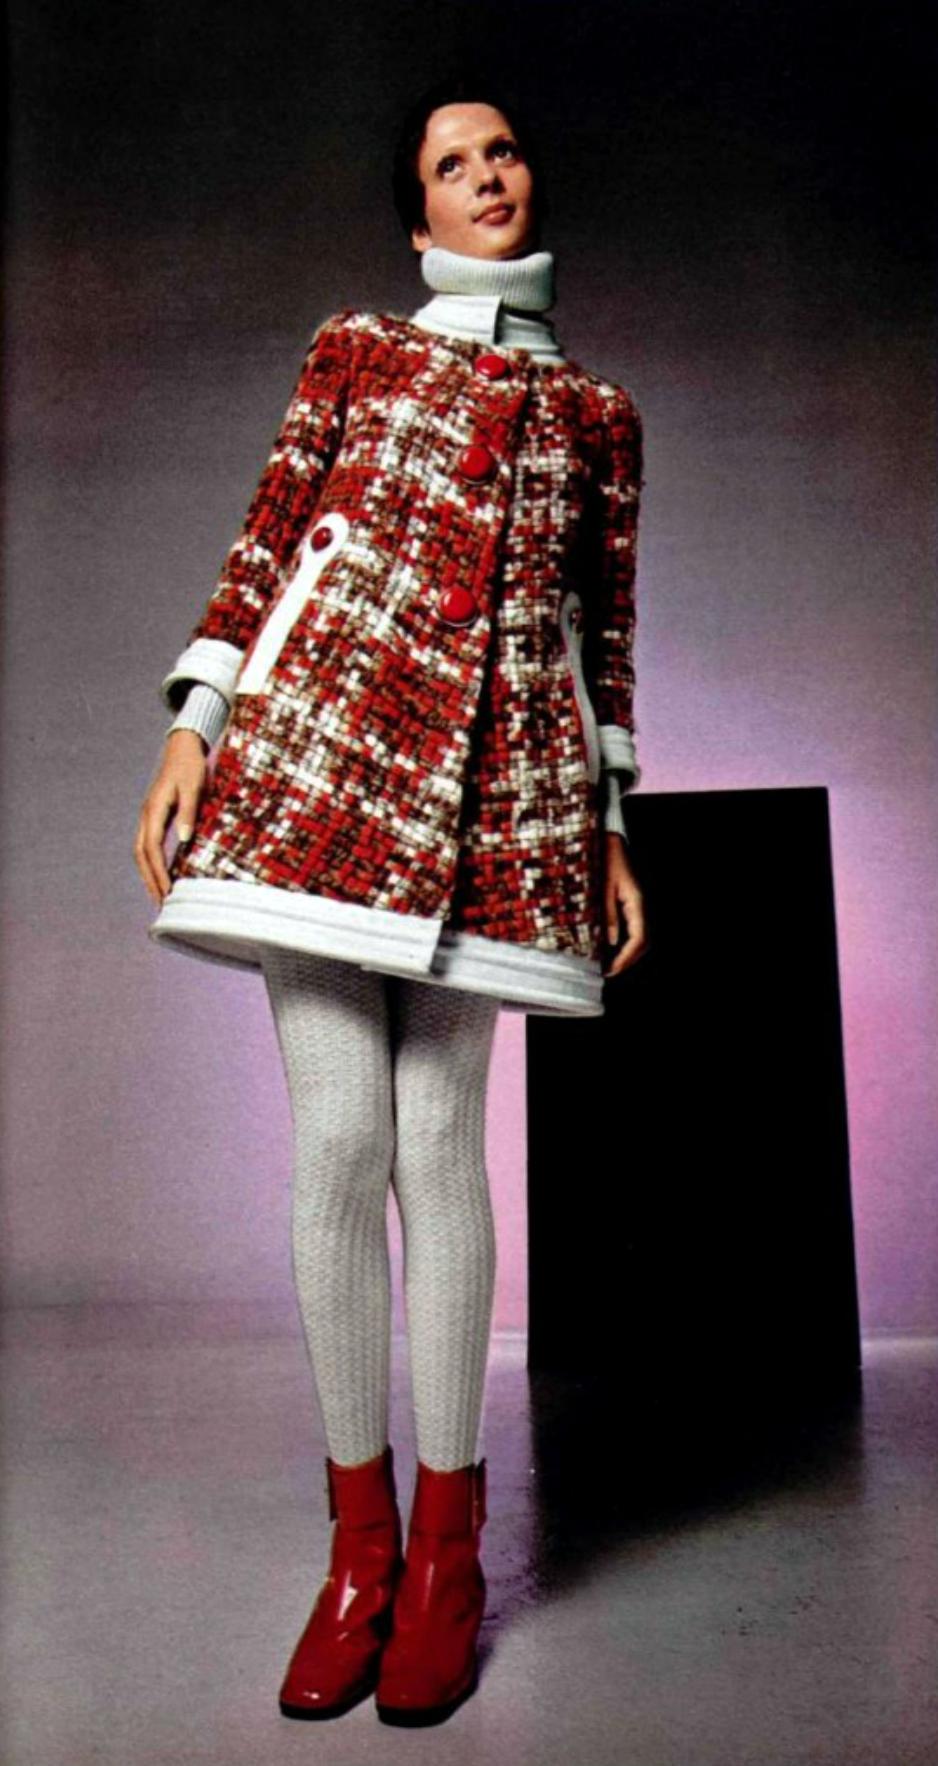 Pierre Cardin L'officiel magazine 1969